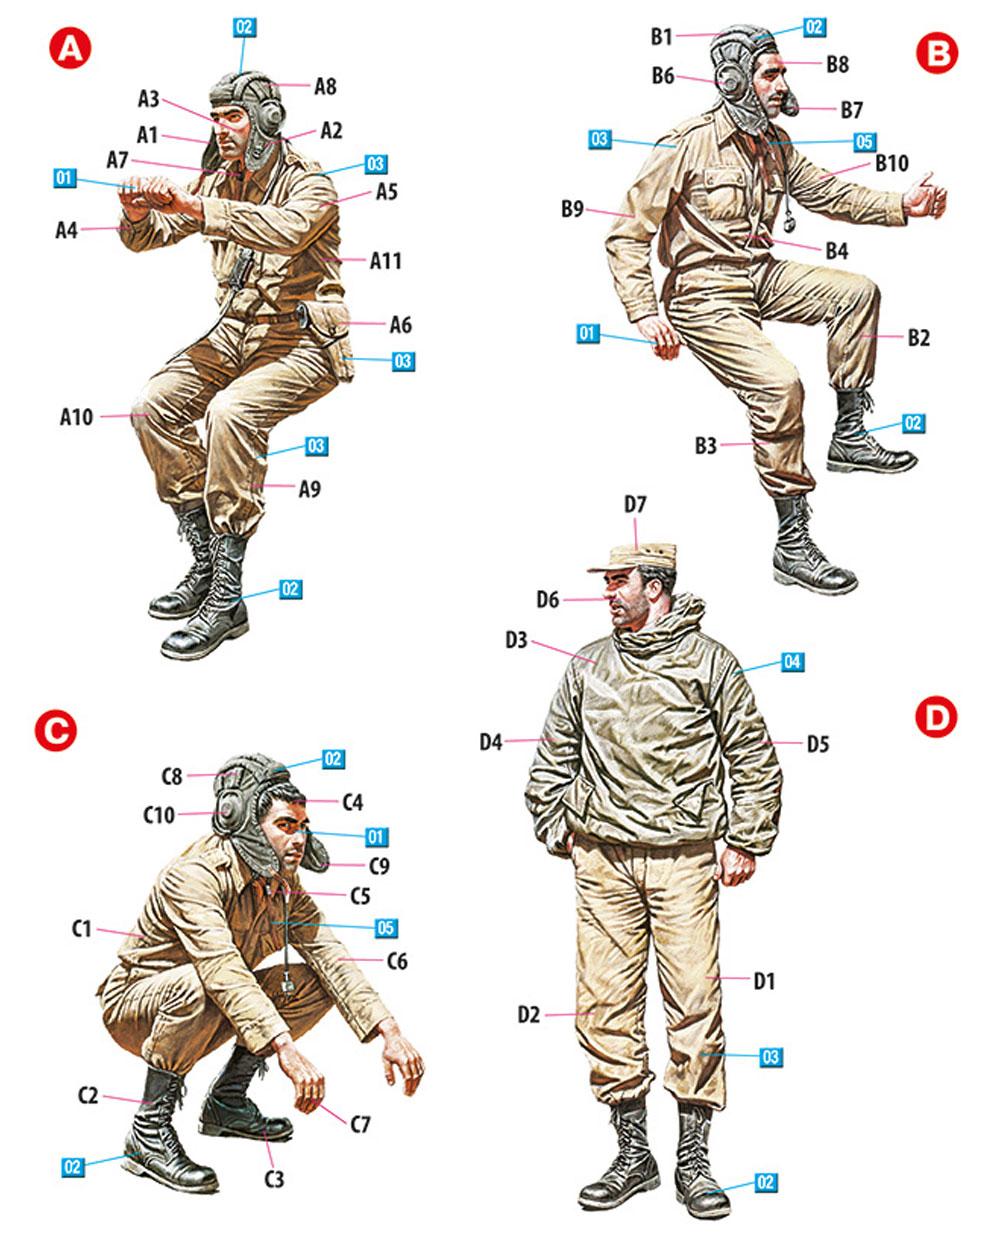 中東 戦車兵 1960-70年代プラモデル(ミニアート1/35 ミリタリーミニチュアNo.37061)商品画像_1